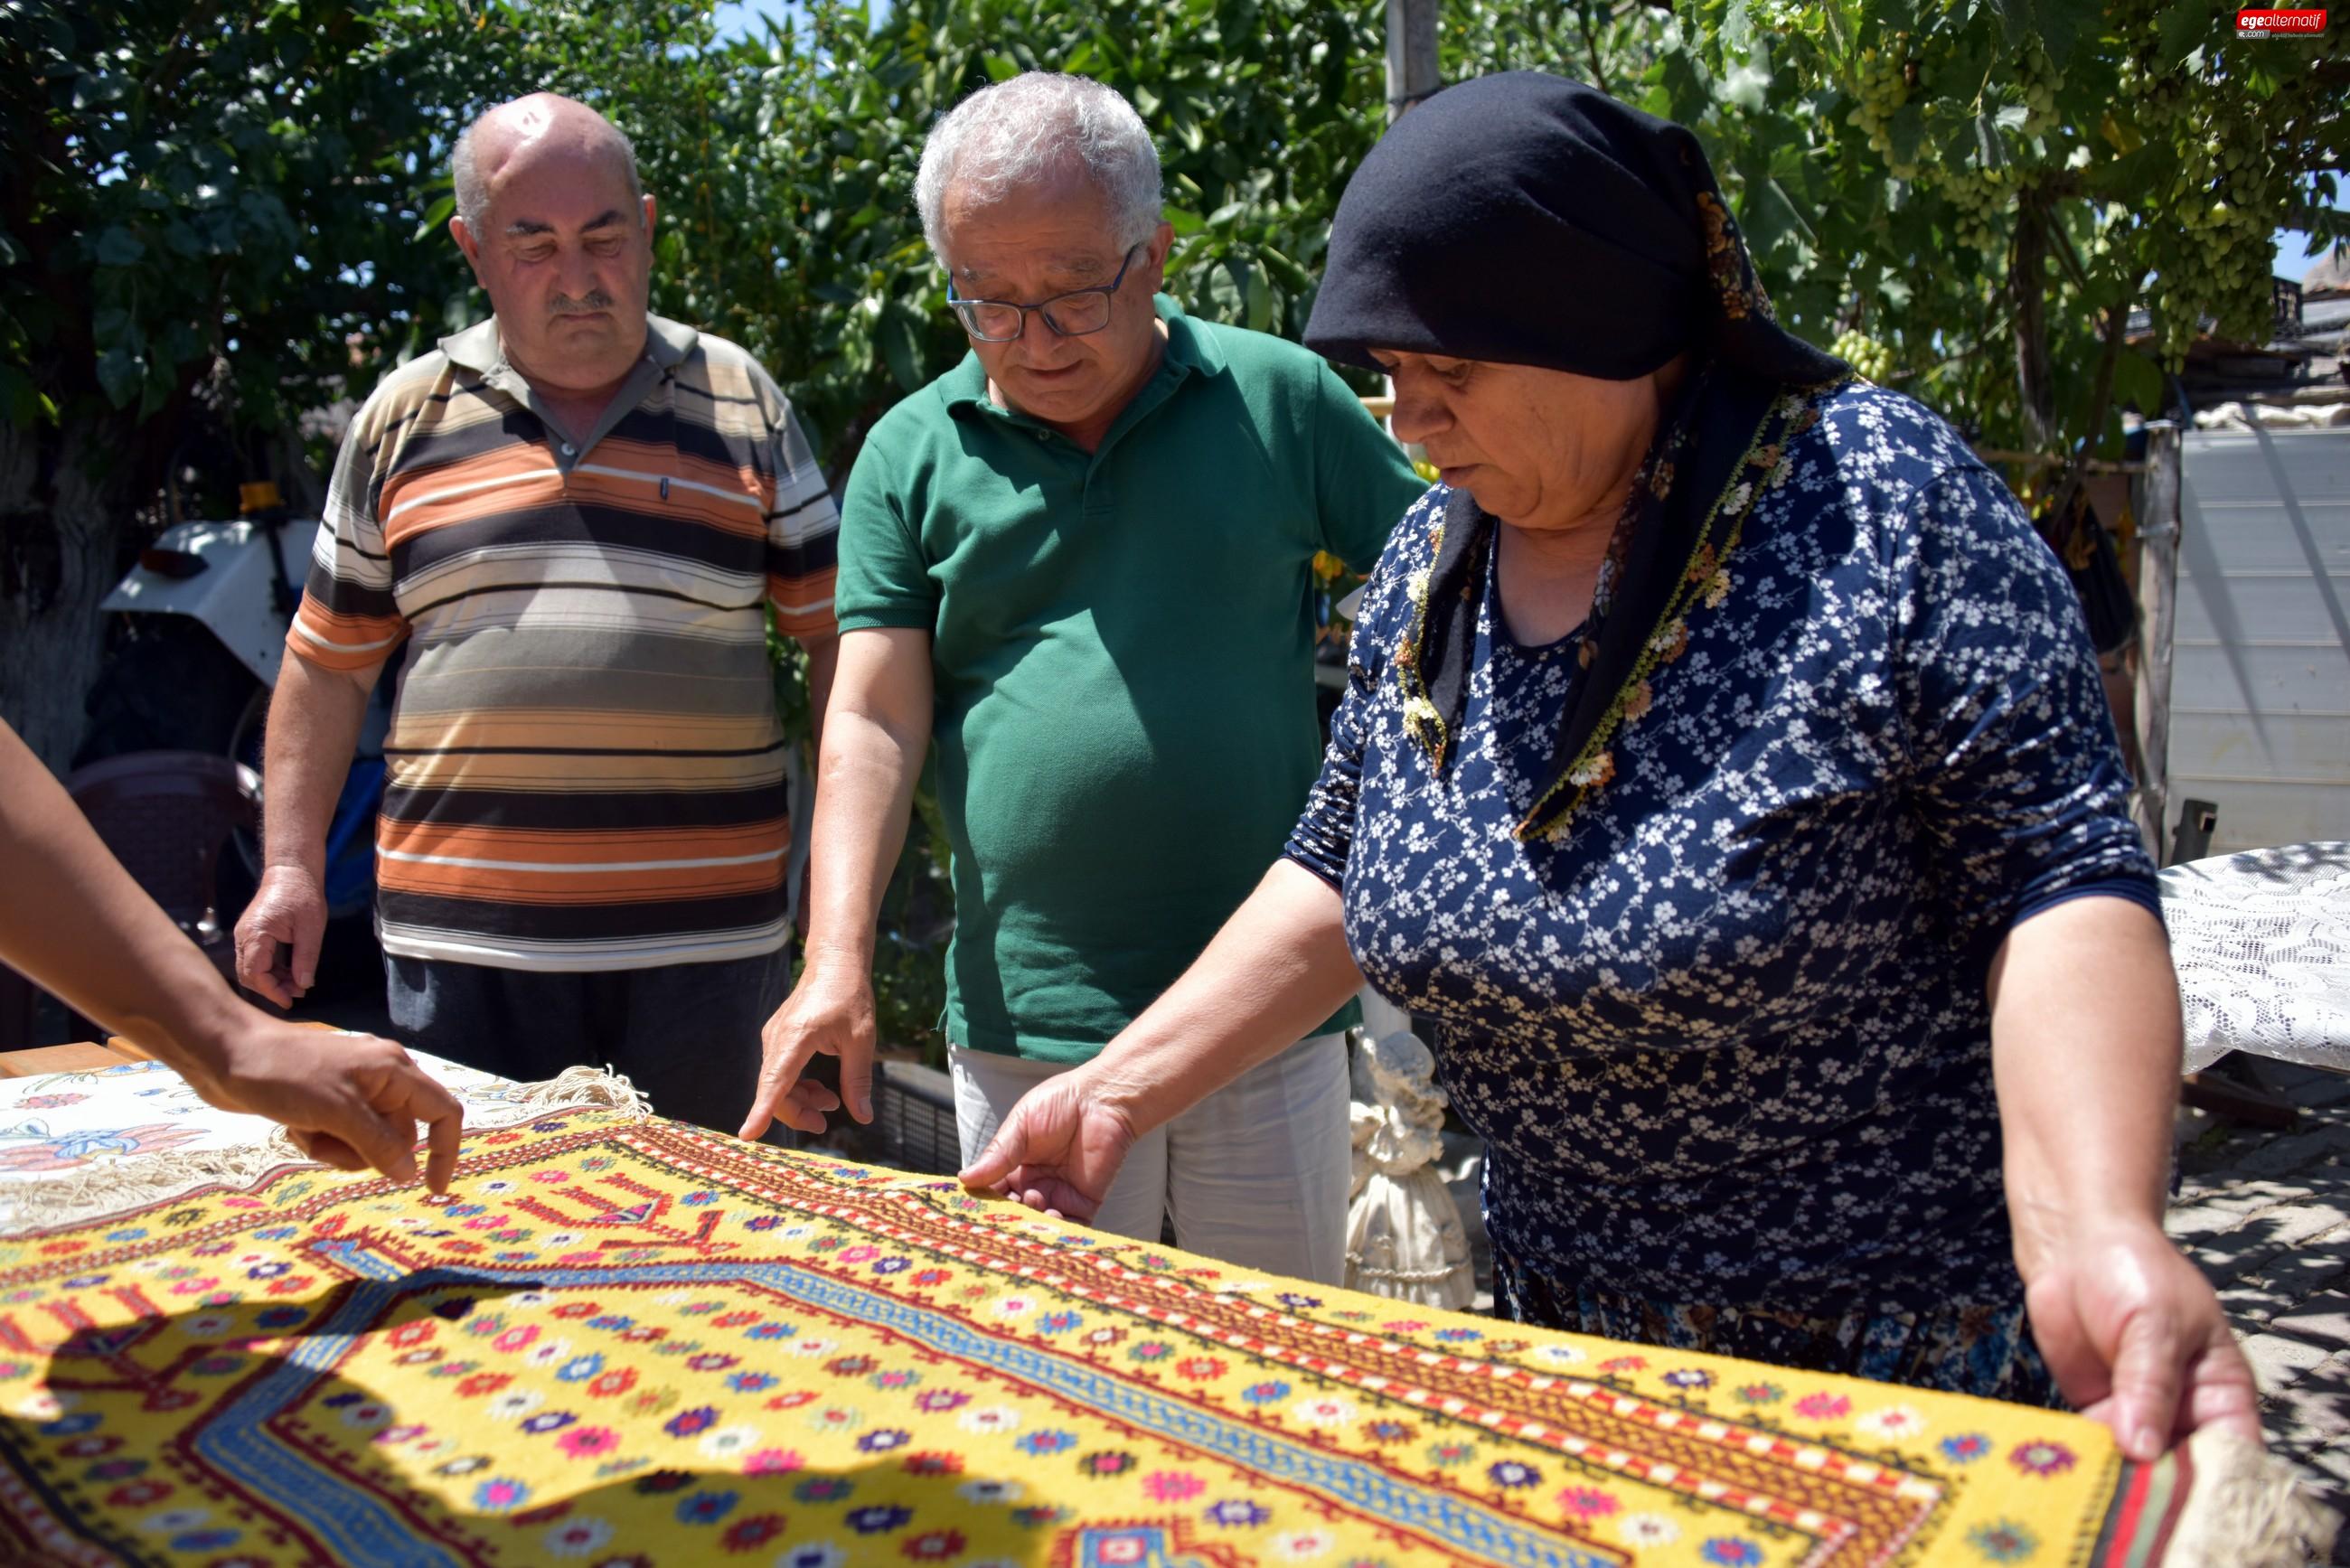 Aliağa Belediyesi Kültürel Çalışmalara Bir Yenisini Daha Ekledi